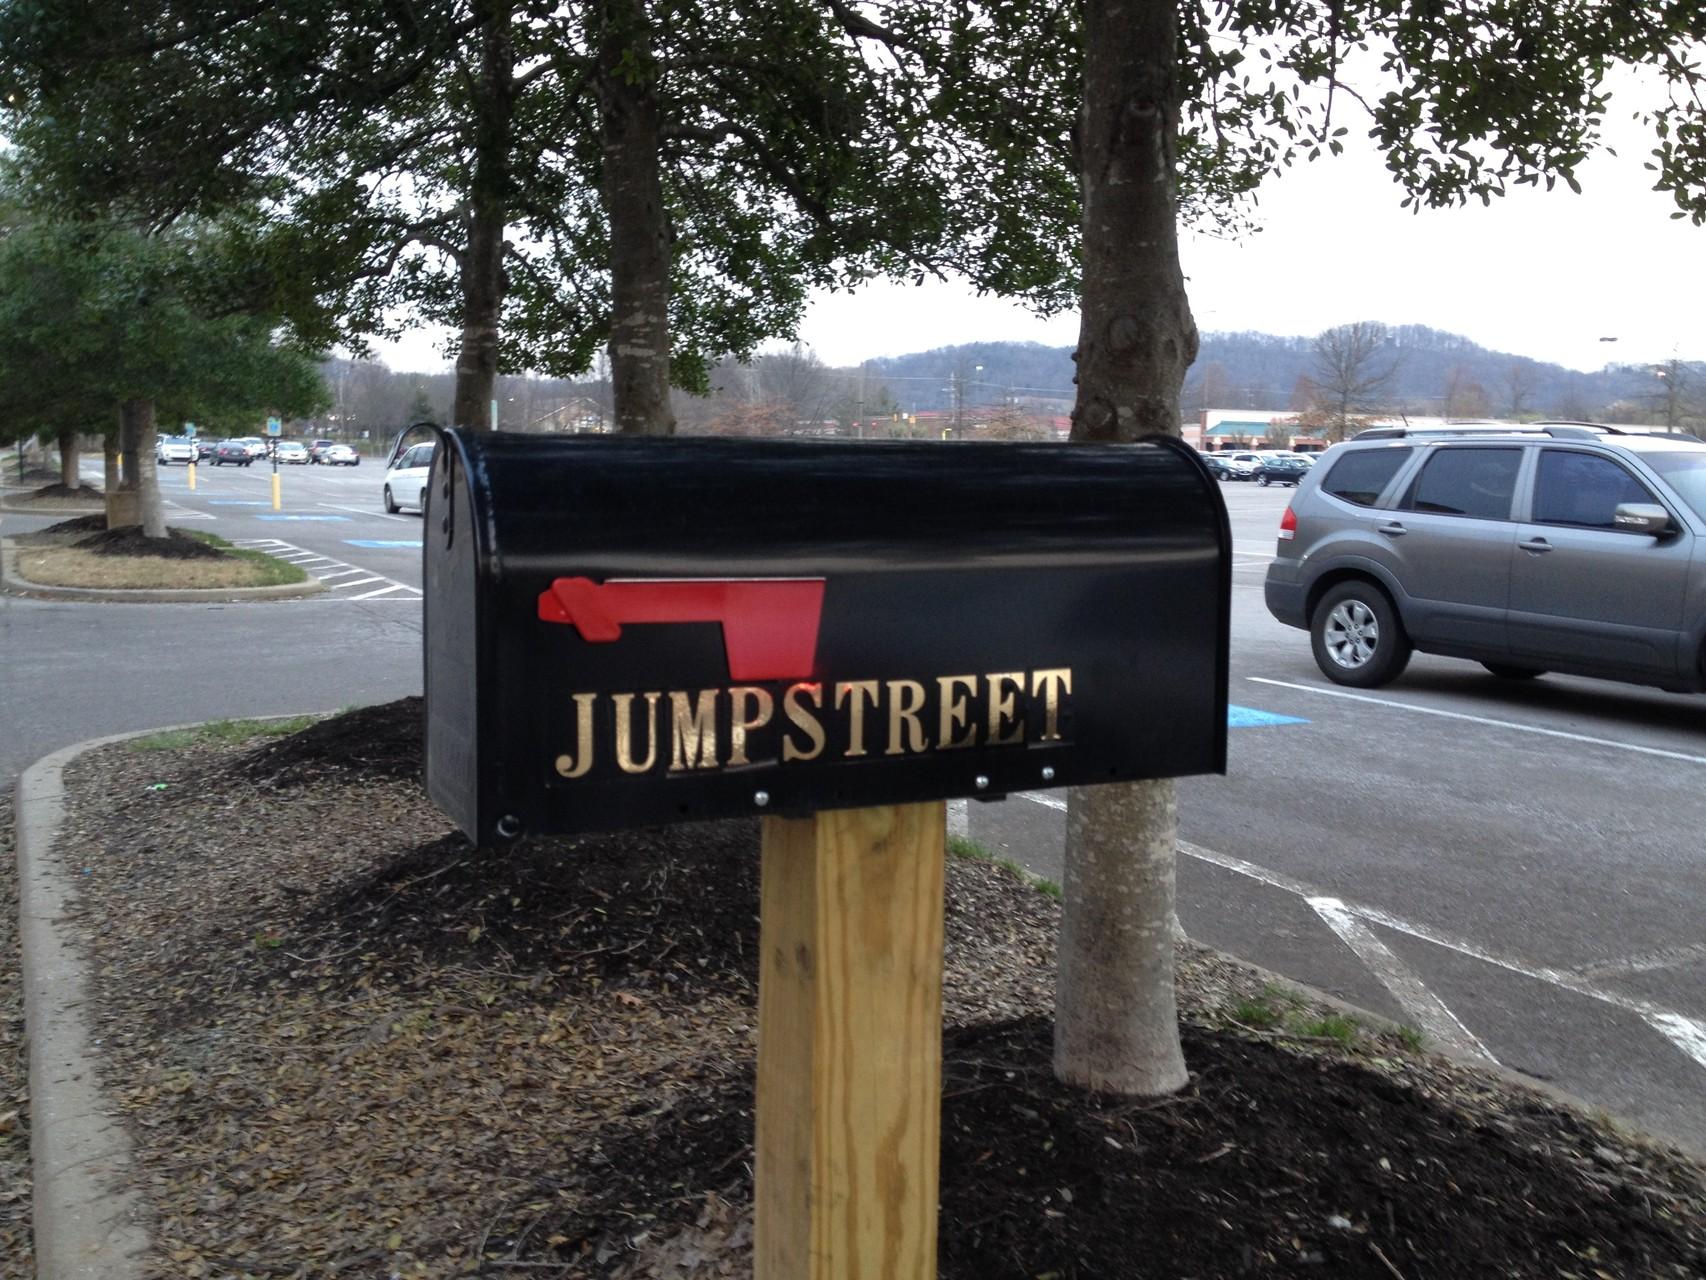 21 oder 22 Jumpstreet?